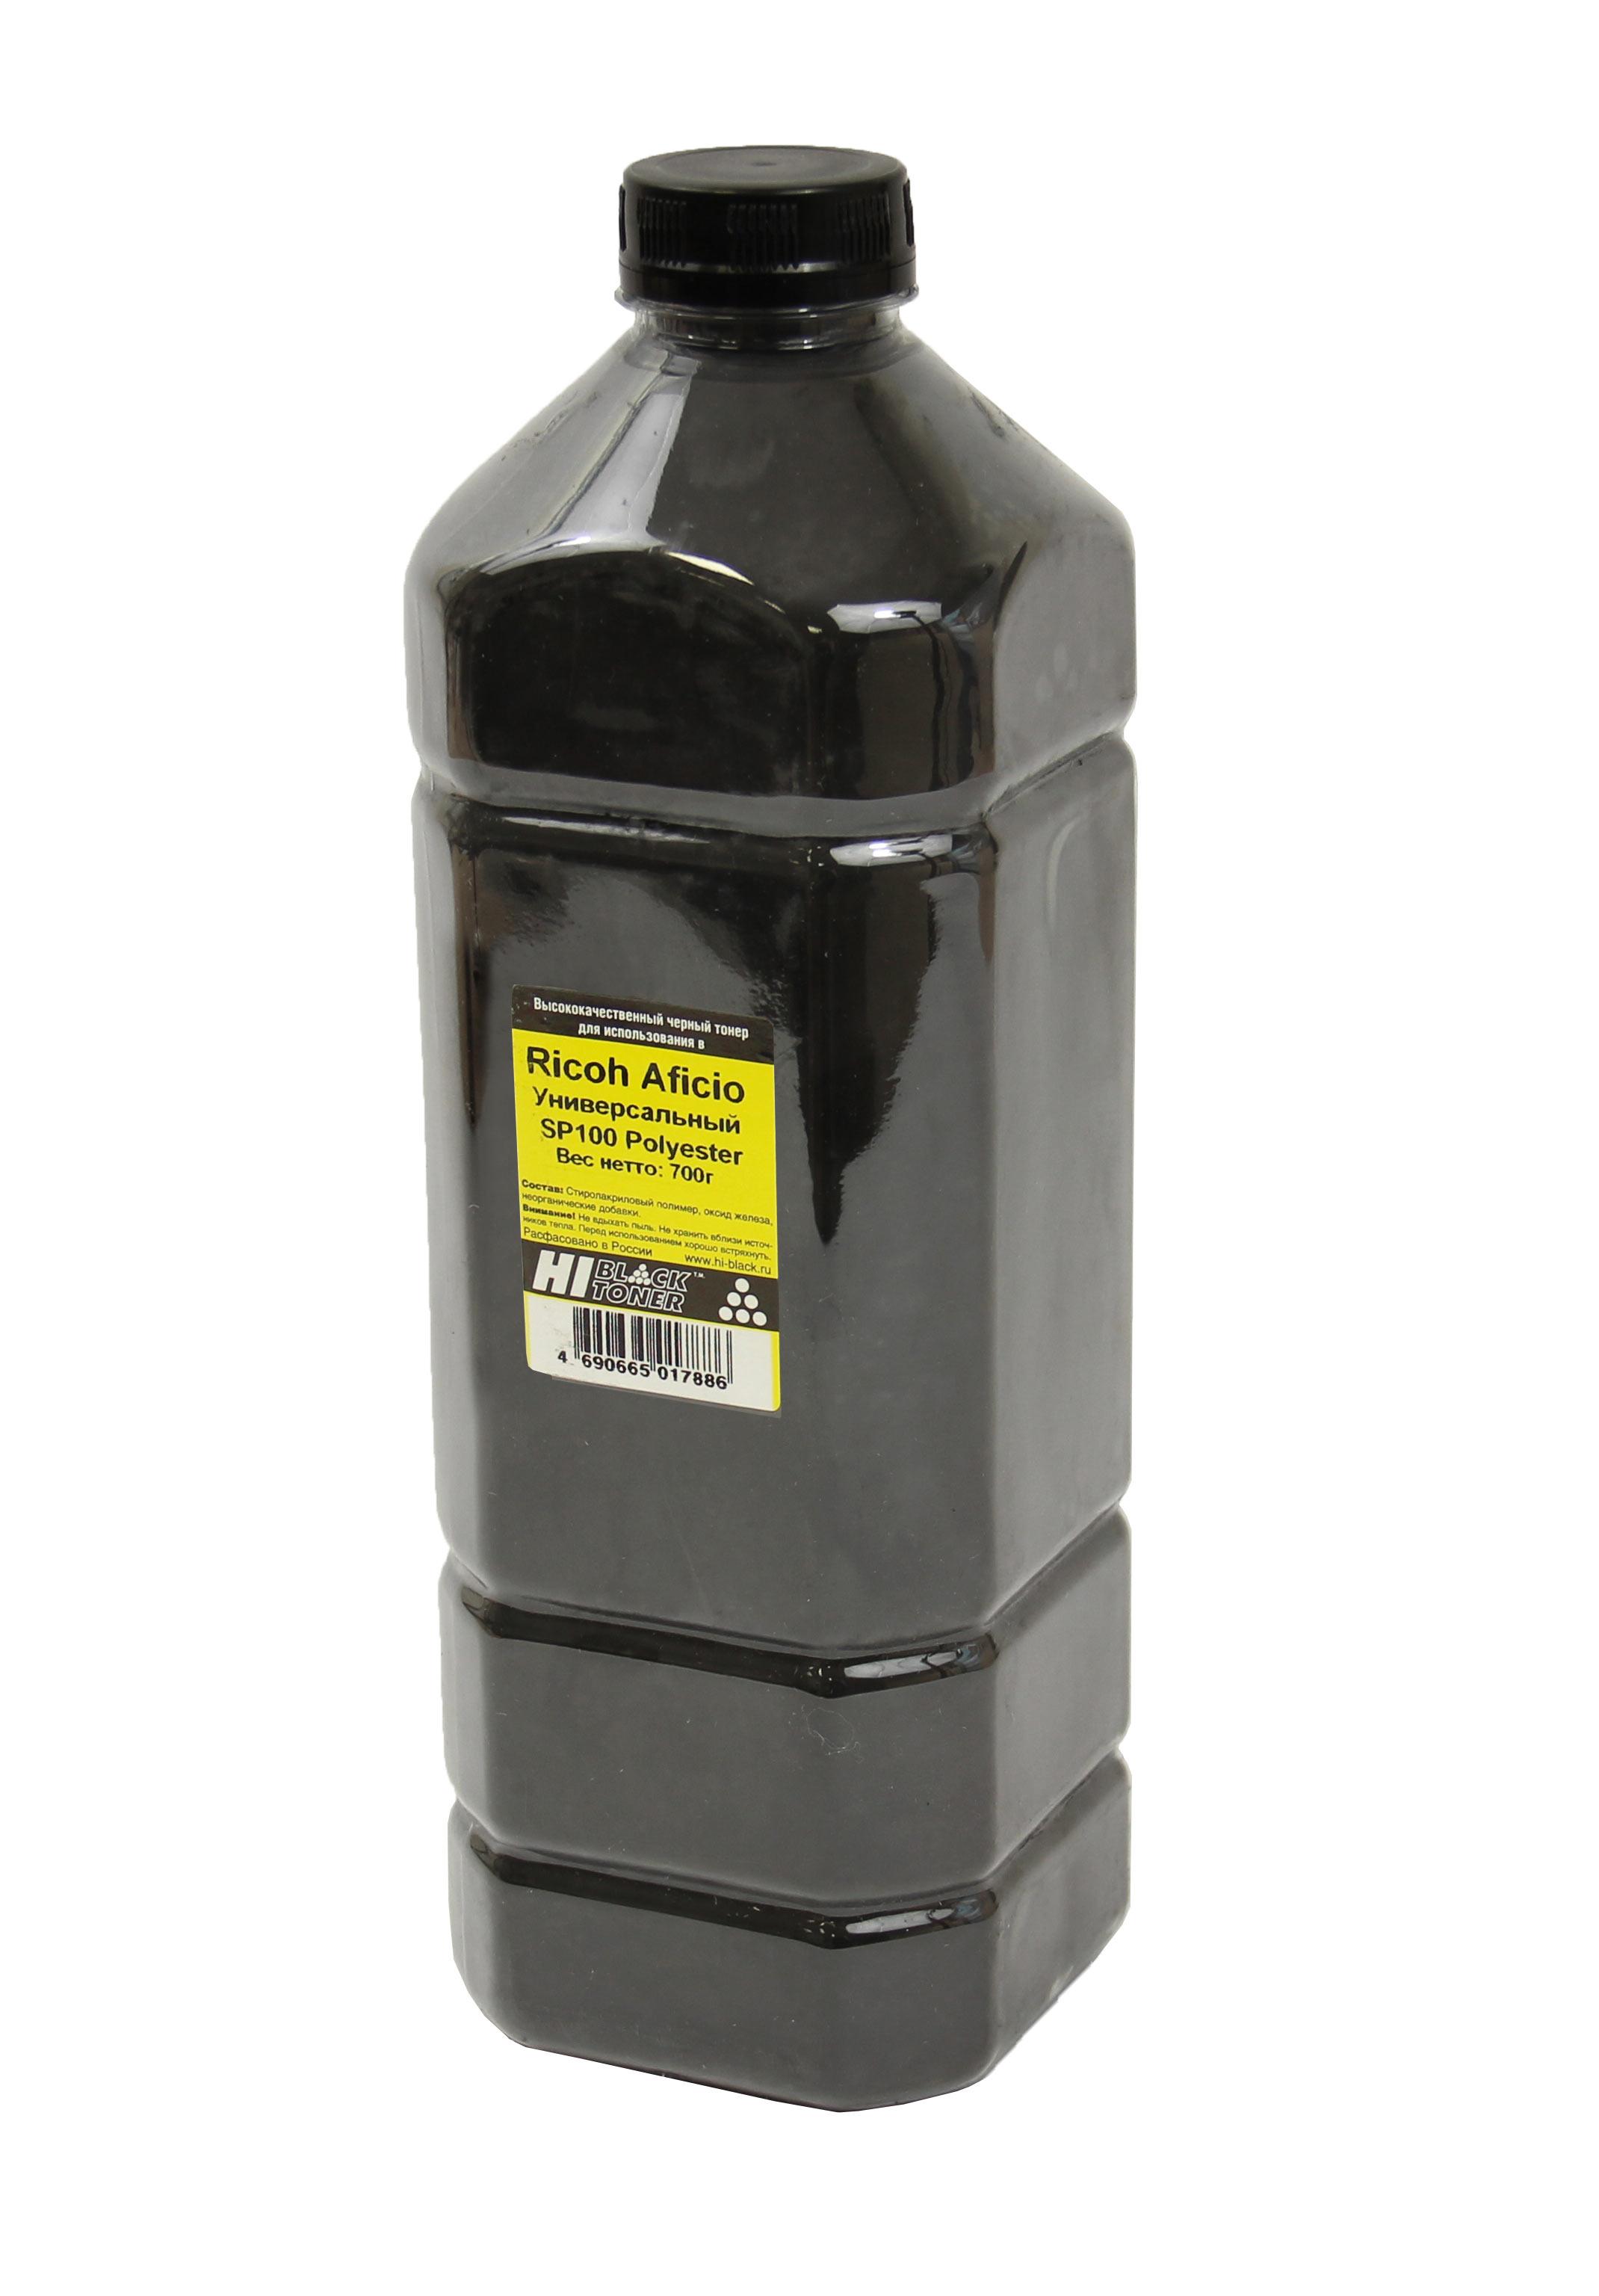 Тонер Hi-Black Универсальный для Ricoh Aficio SP 100, Polyester, Bk, 700 г, канистра